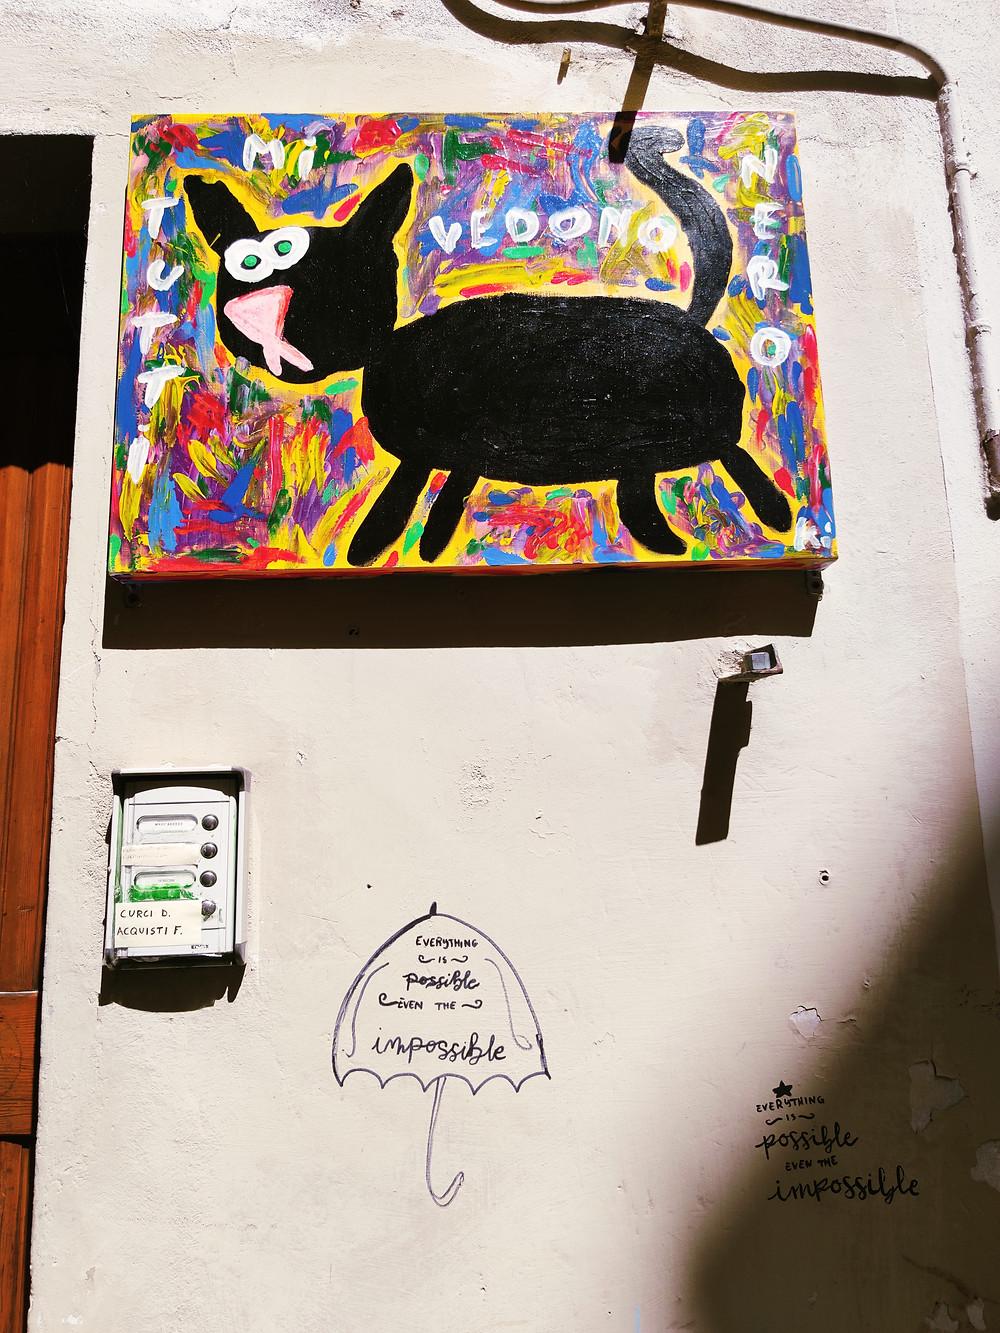 Street art in Via della Viola, Perugia, Umbria. Tutti mi vedono nero